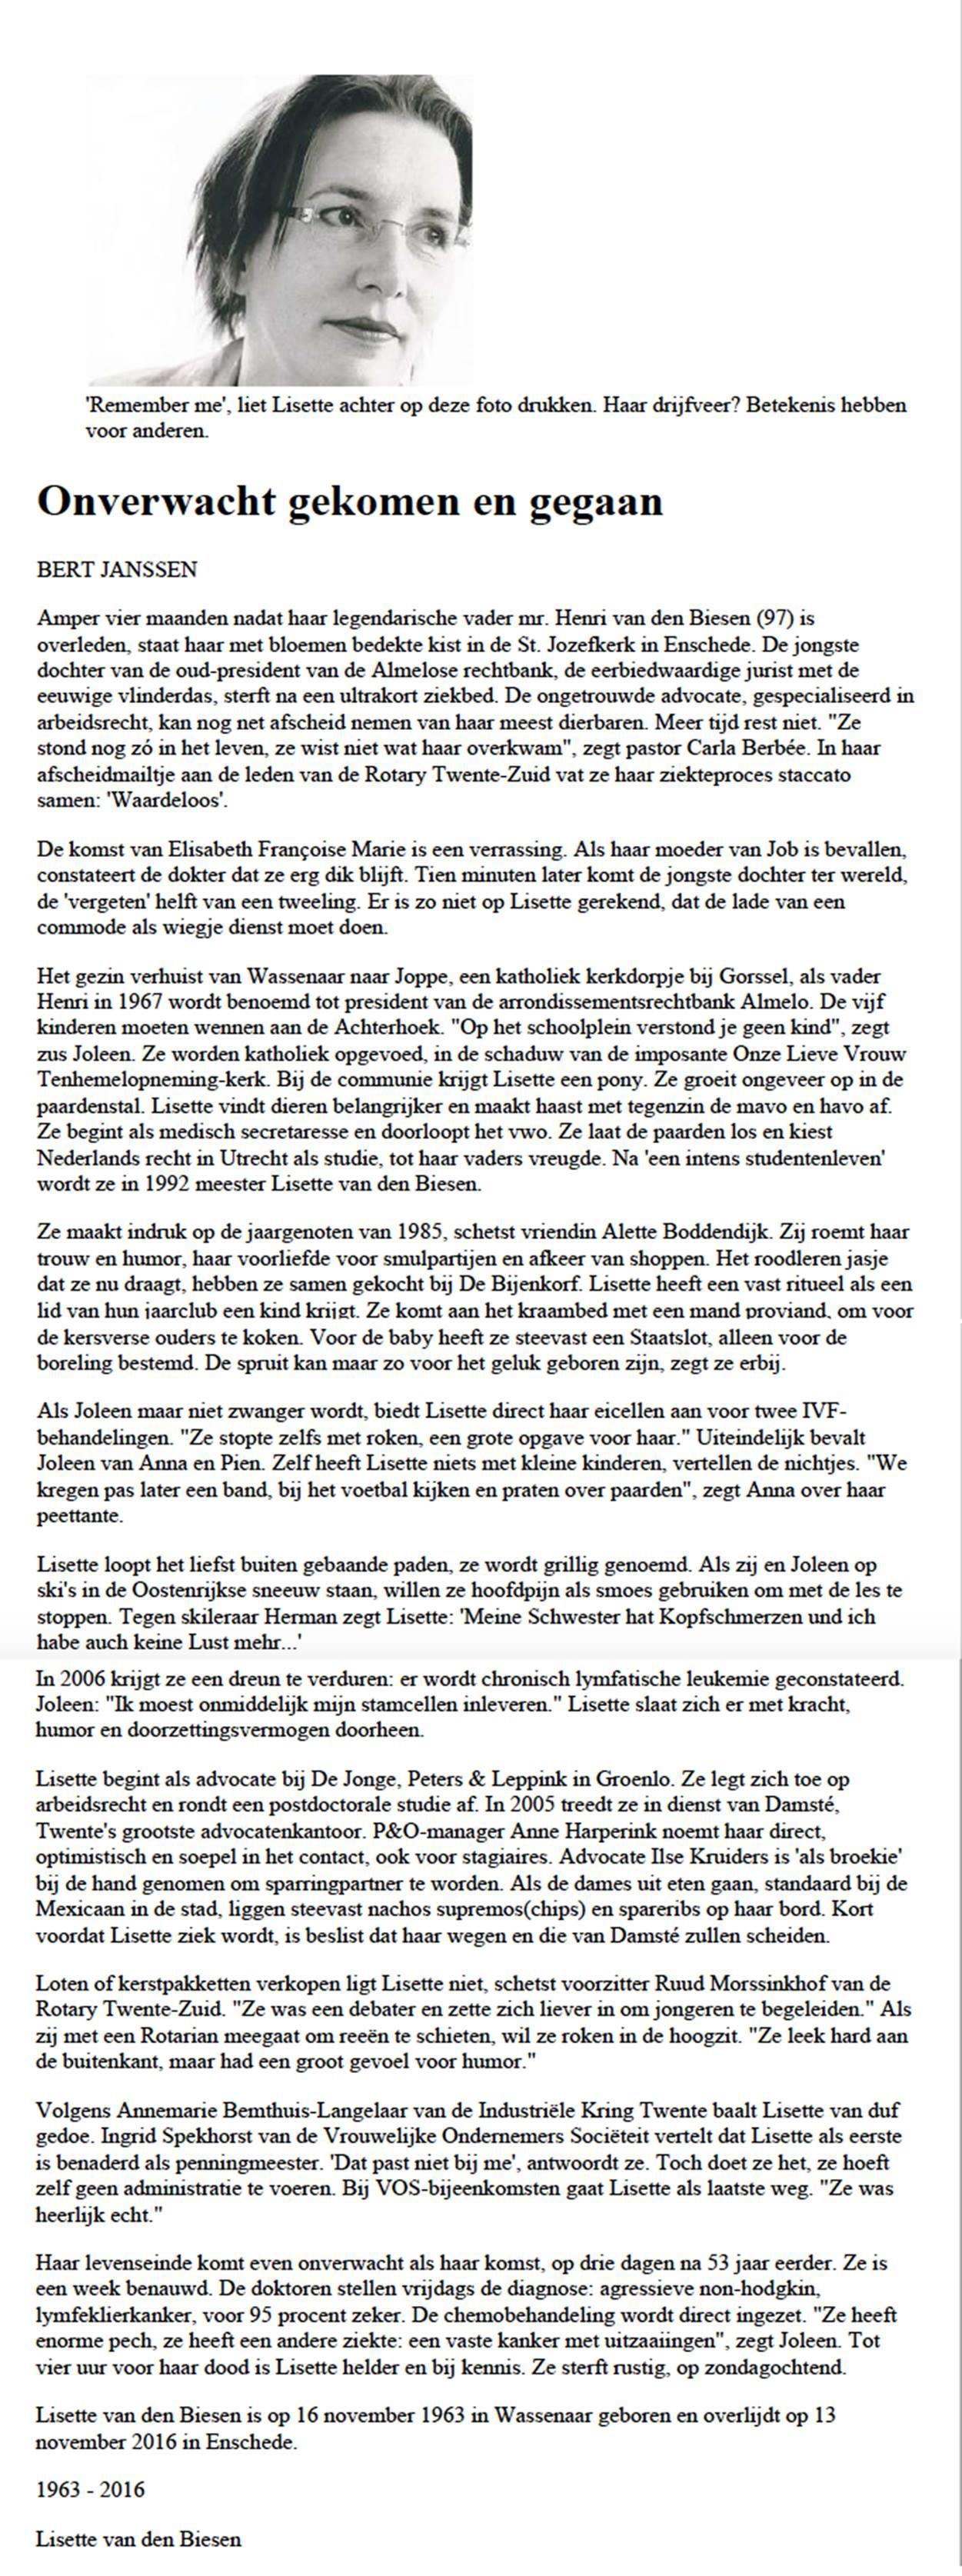 krantenartikel-lisette-vanden-biesen